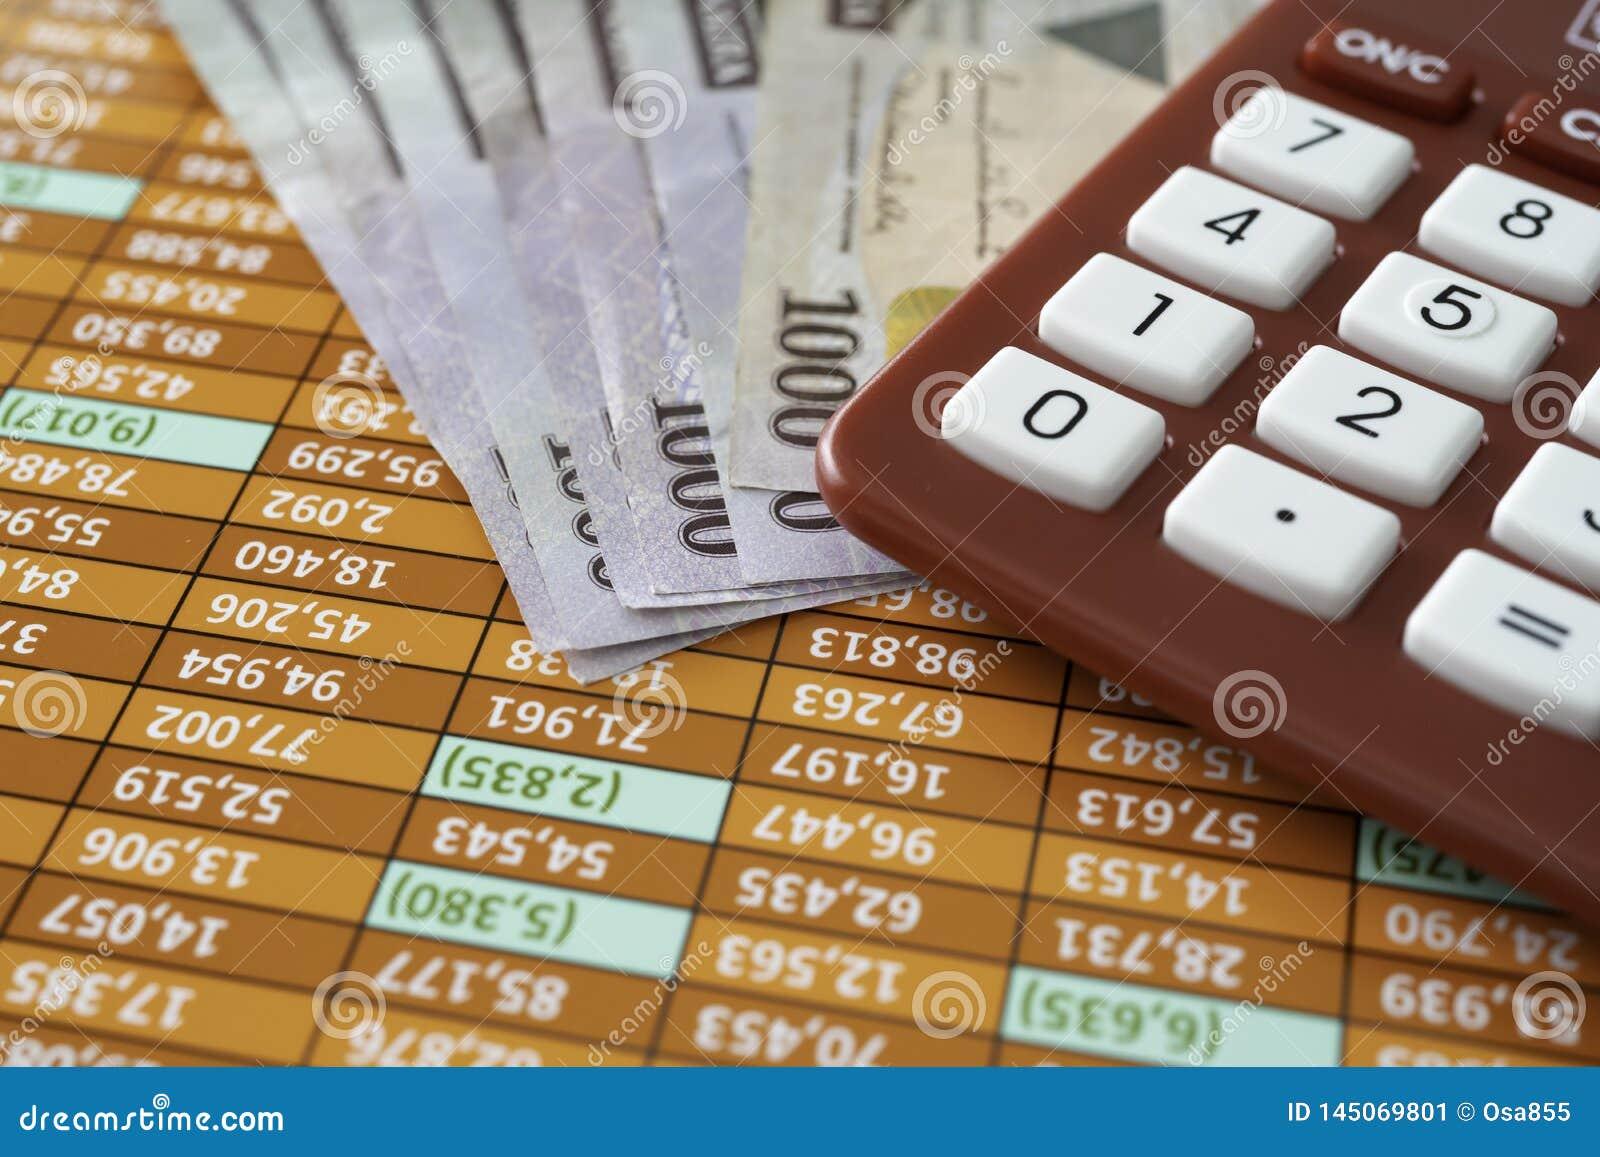 Notas nigerianas do naira com a calculadora na planilha